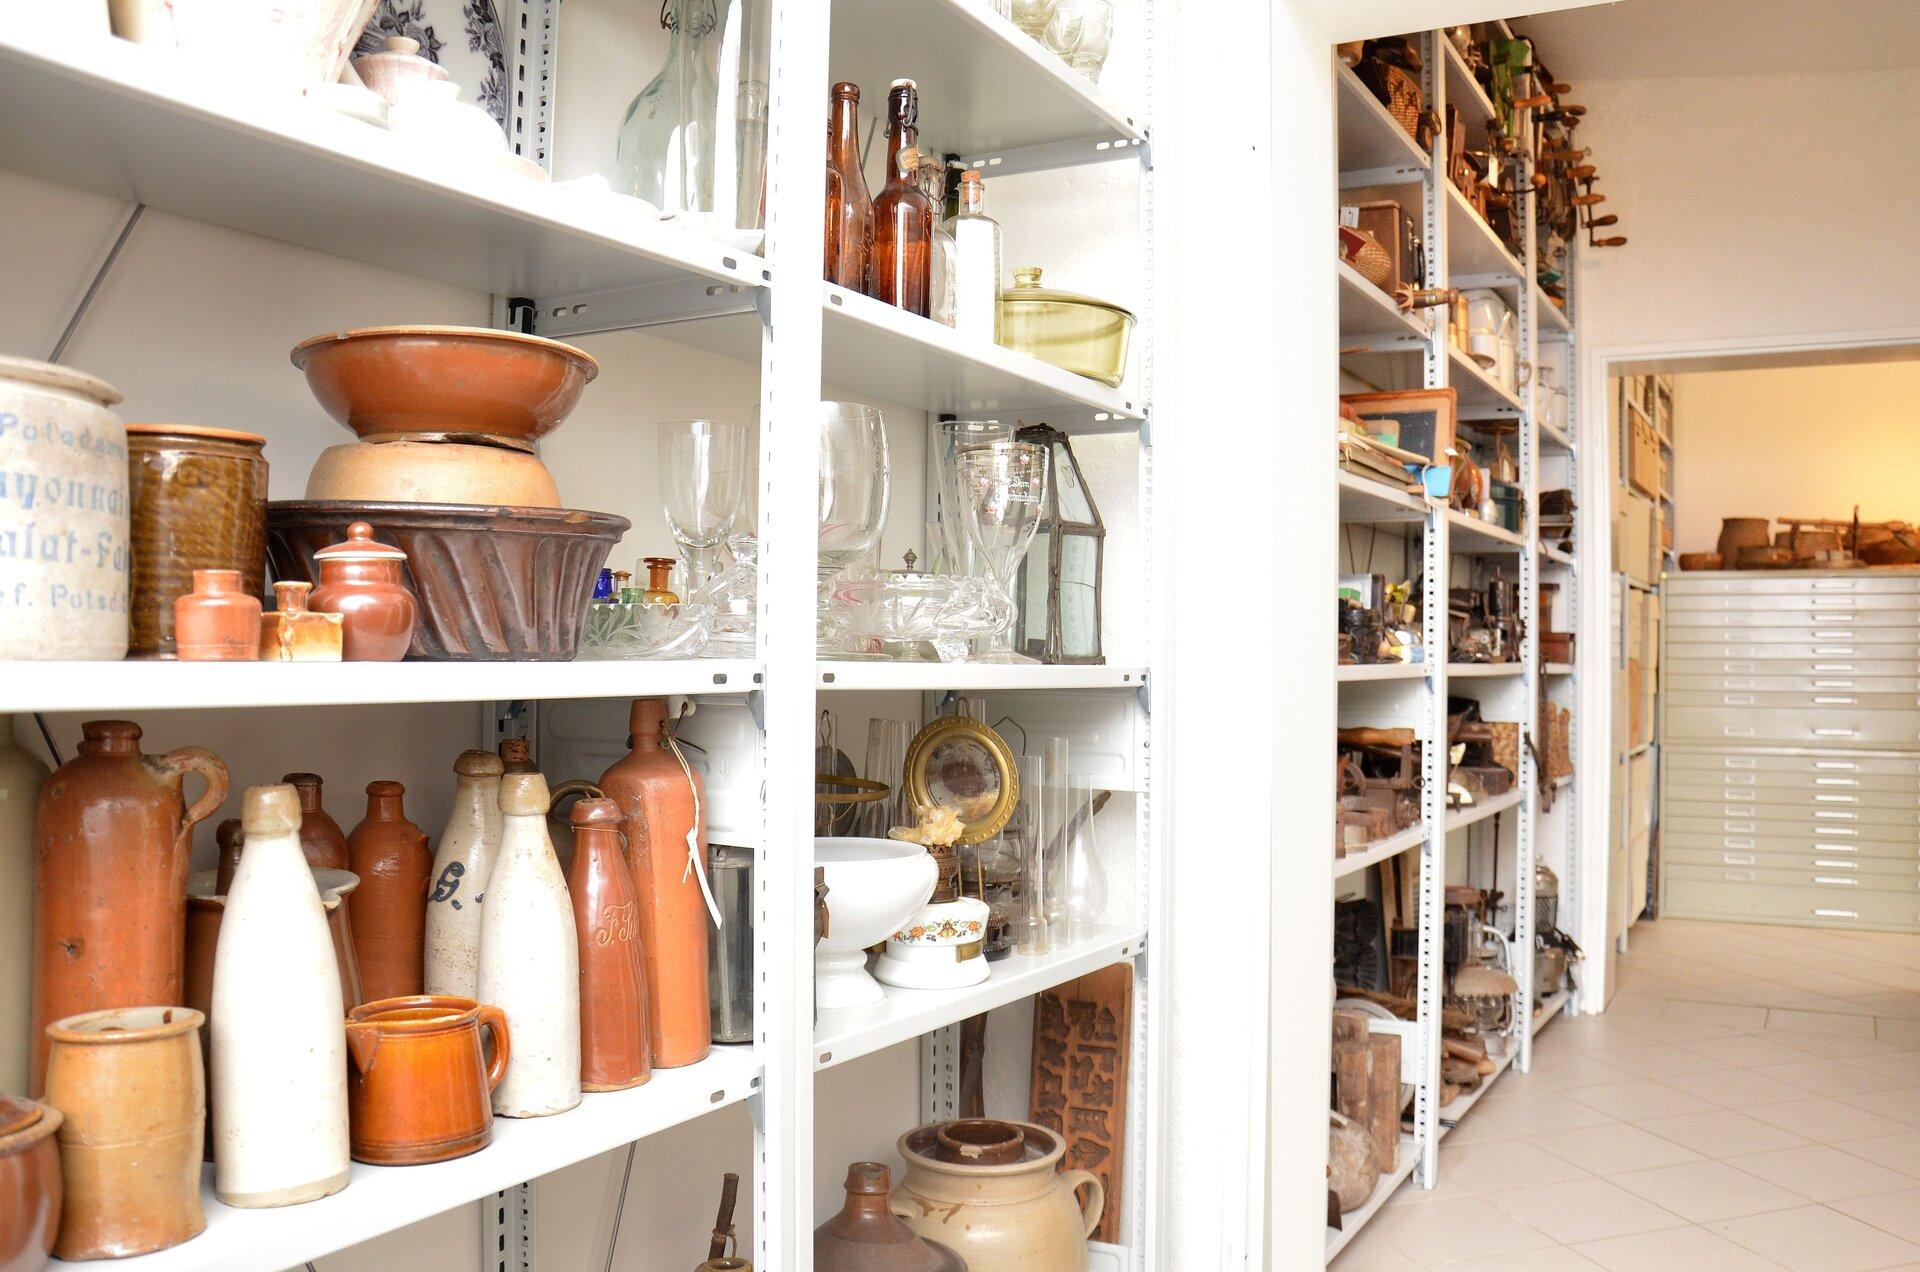 Depot-Sammlung - Museum und Galerie Falkensee